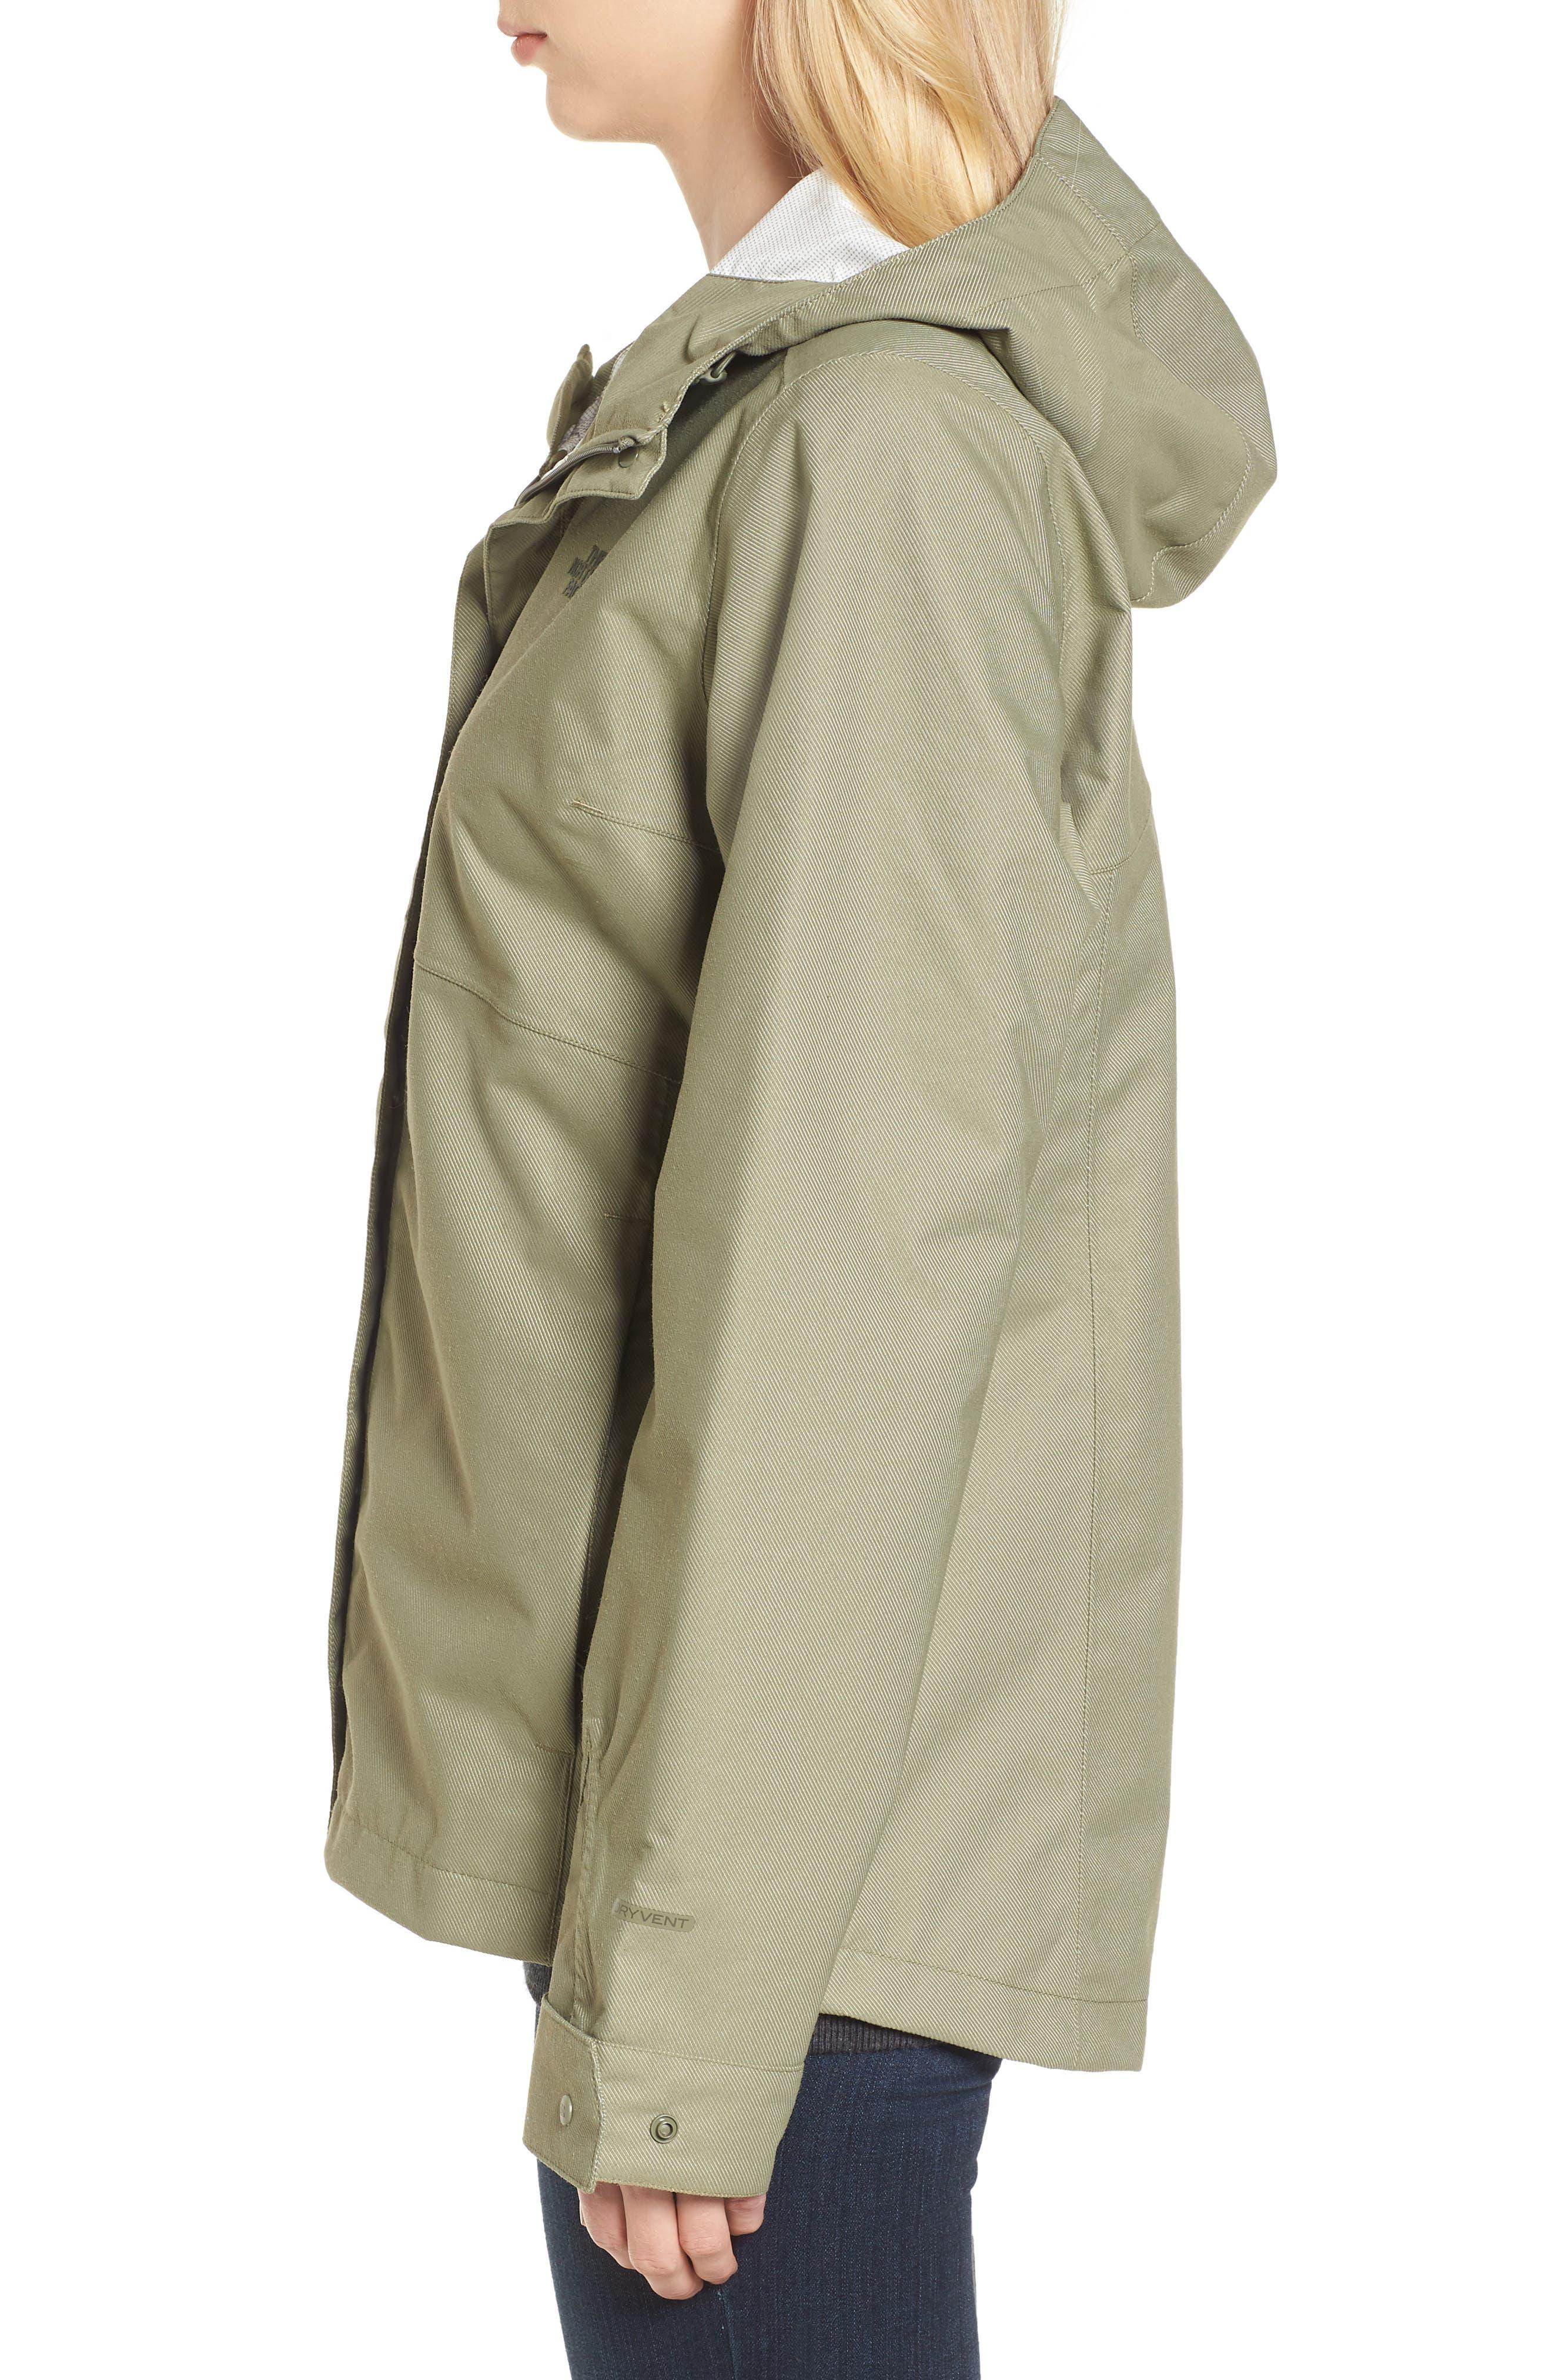 Berrien Waterproof Jacket,                             Alternate thumbnail 3, color,                             301